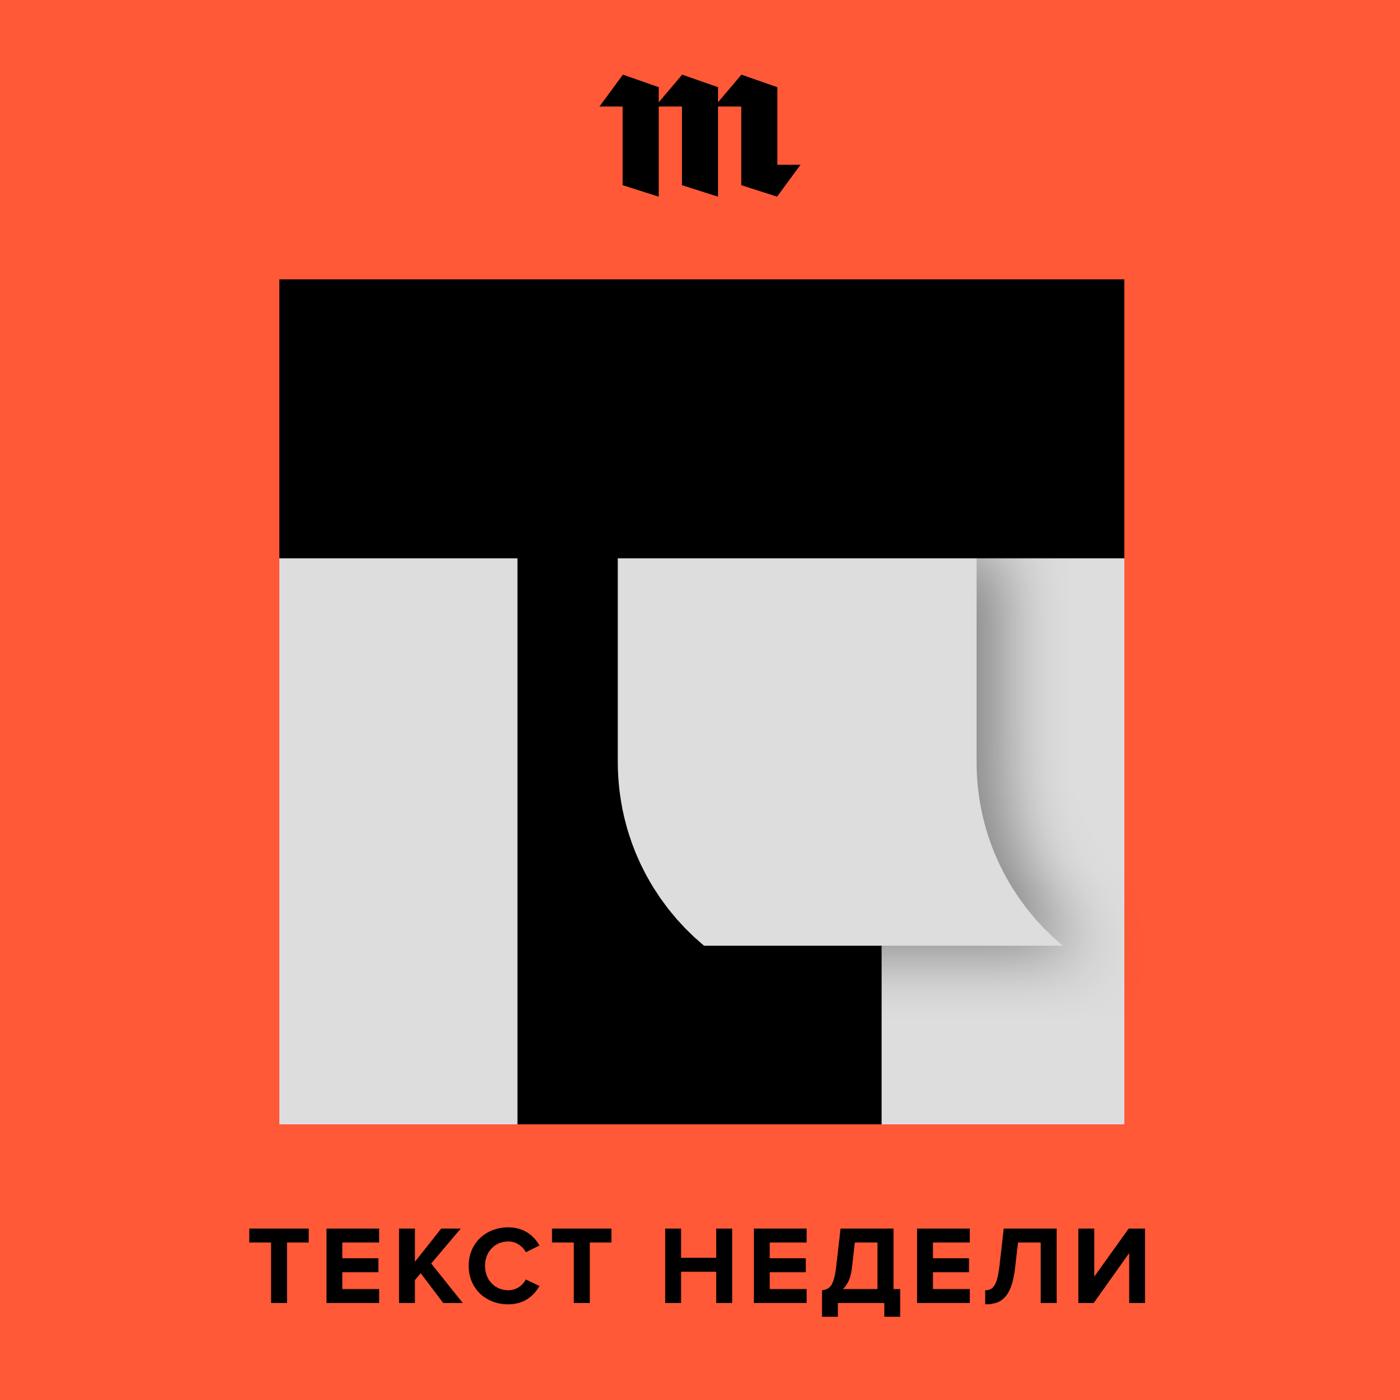 Михаил Мишустин фанатично работает над имиджем и читает все публикации о себе (даже в телеграме). Рассказываем, как устроен пиар премьер-министра